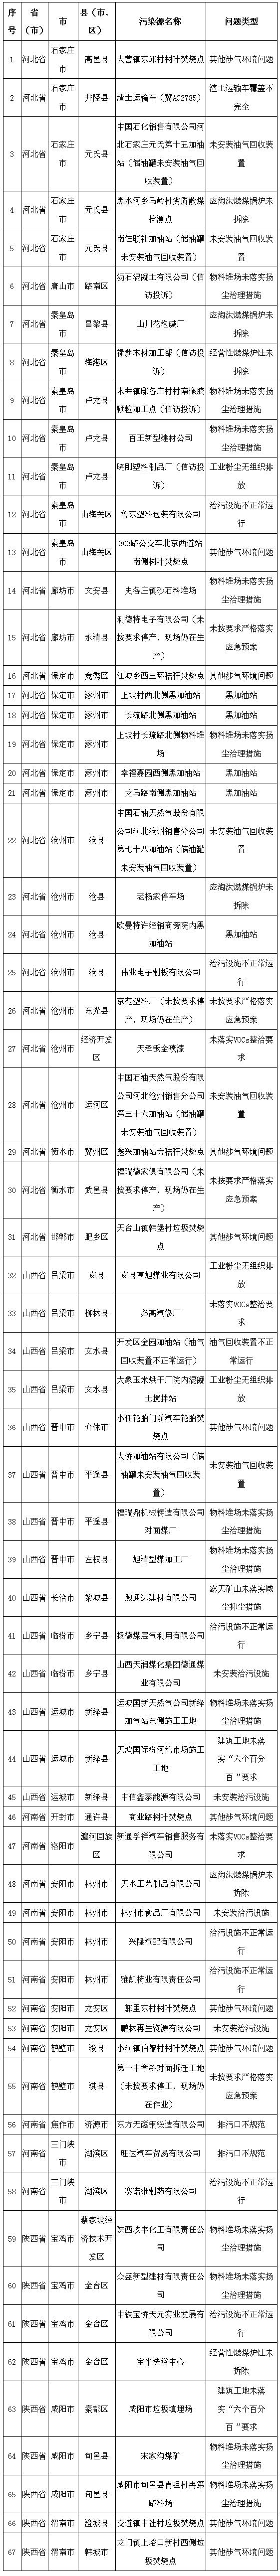 生态环境部通报2018-2019年蓝天保卫战重点区域强化监督情况(12月22日).png